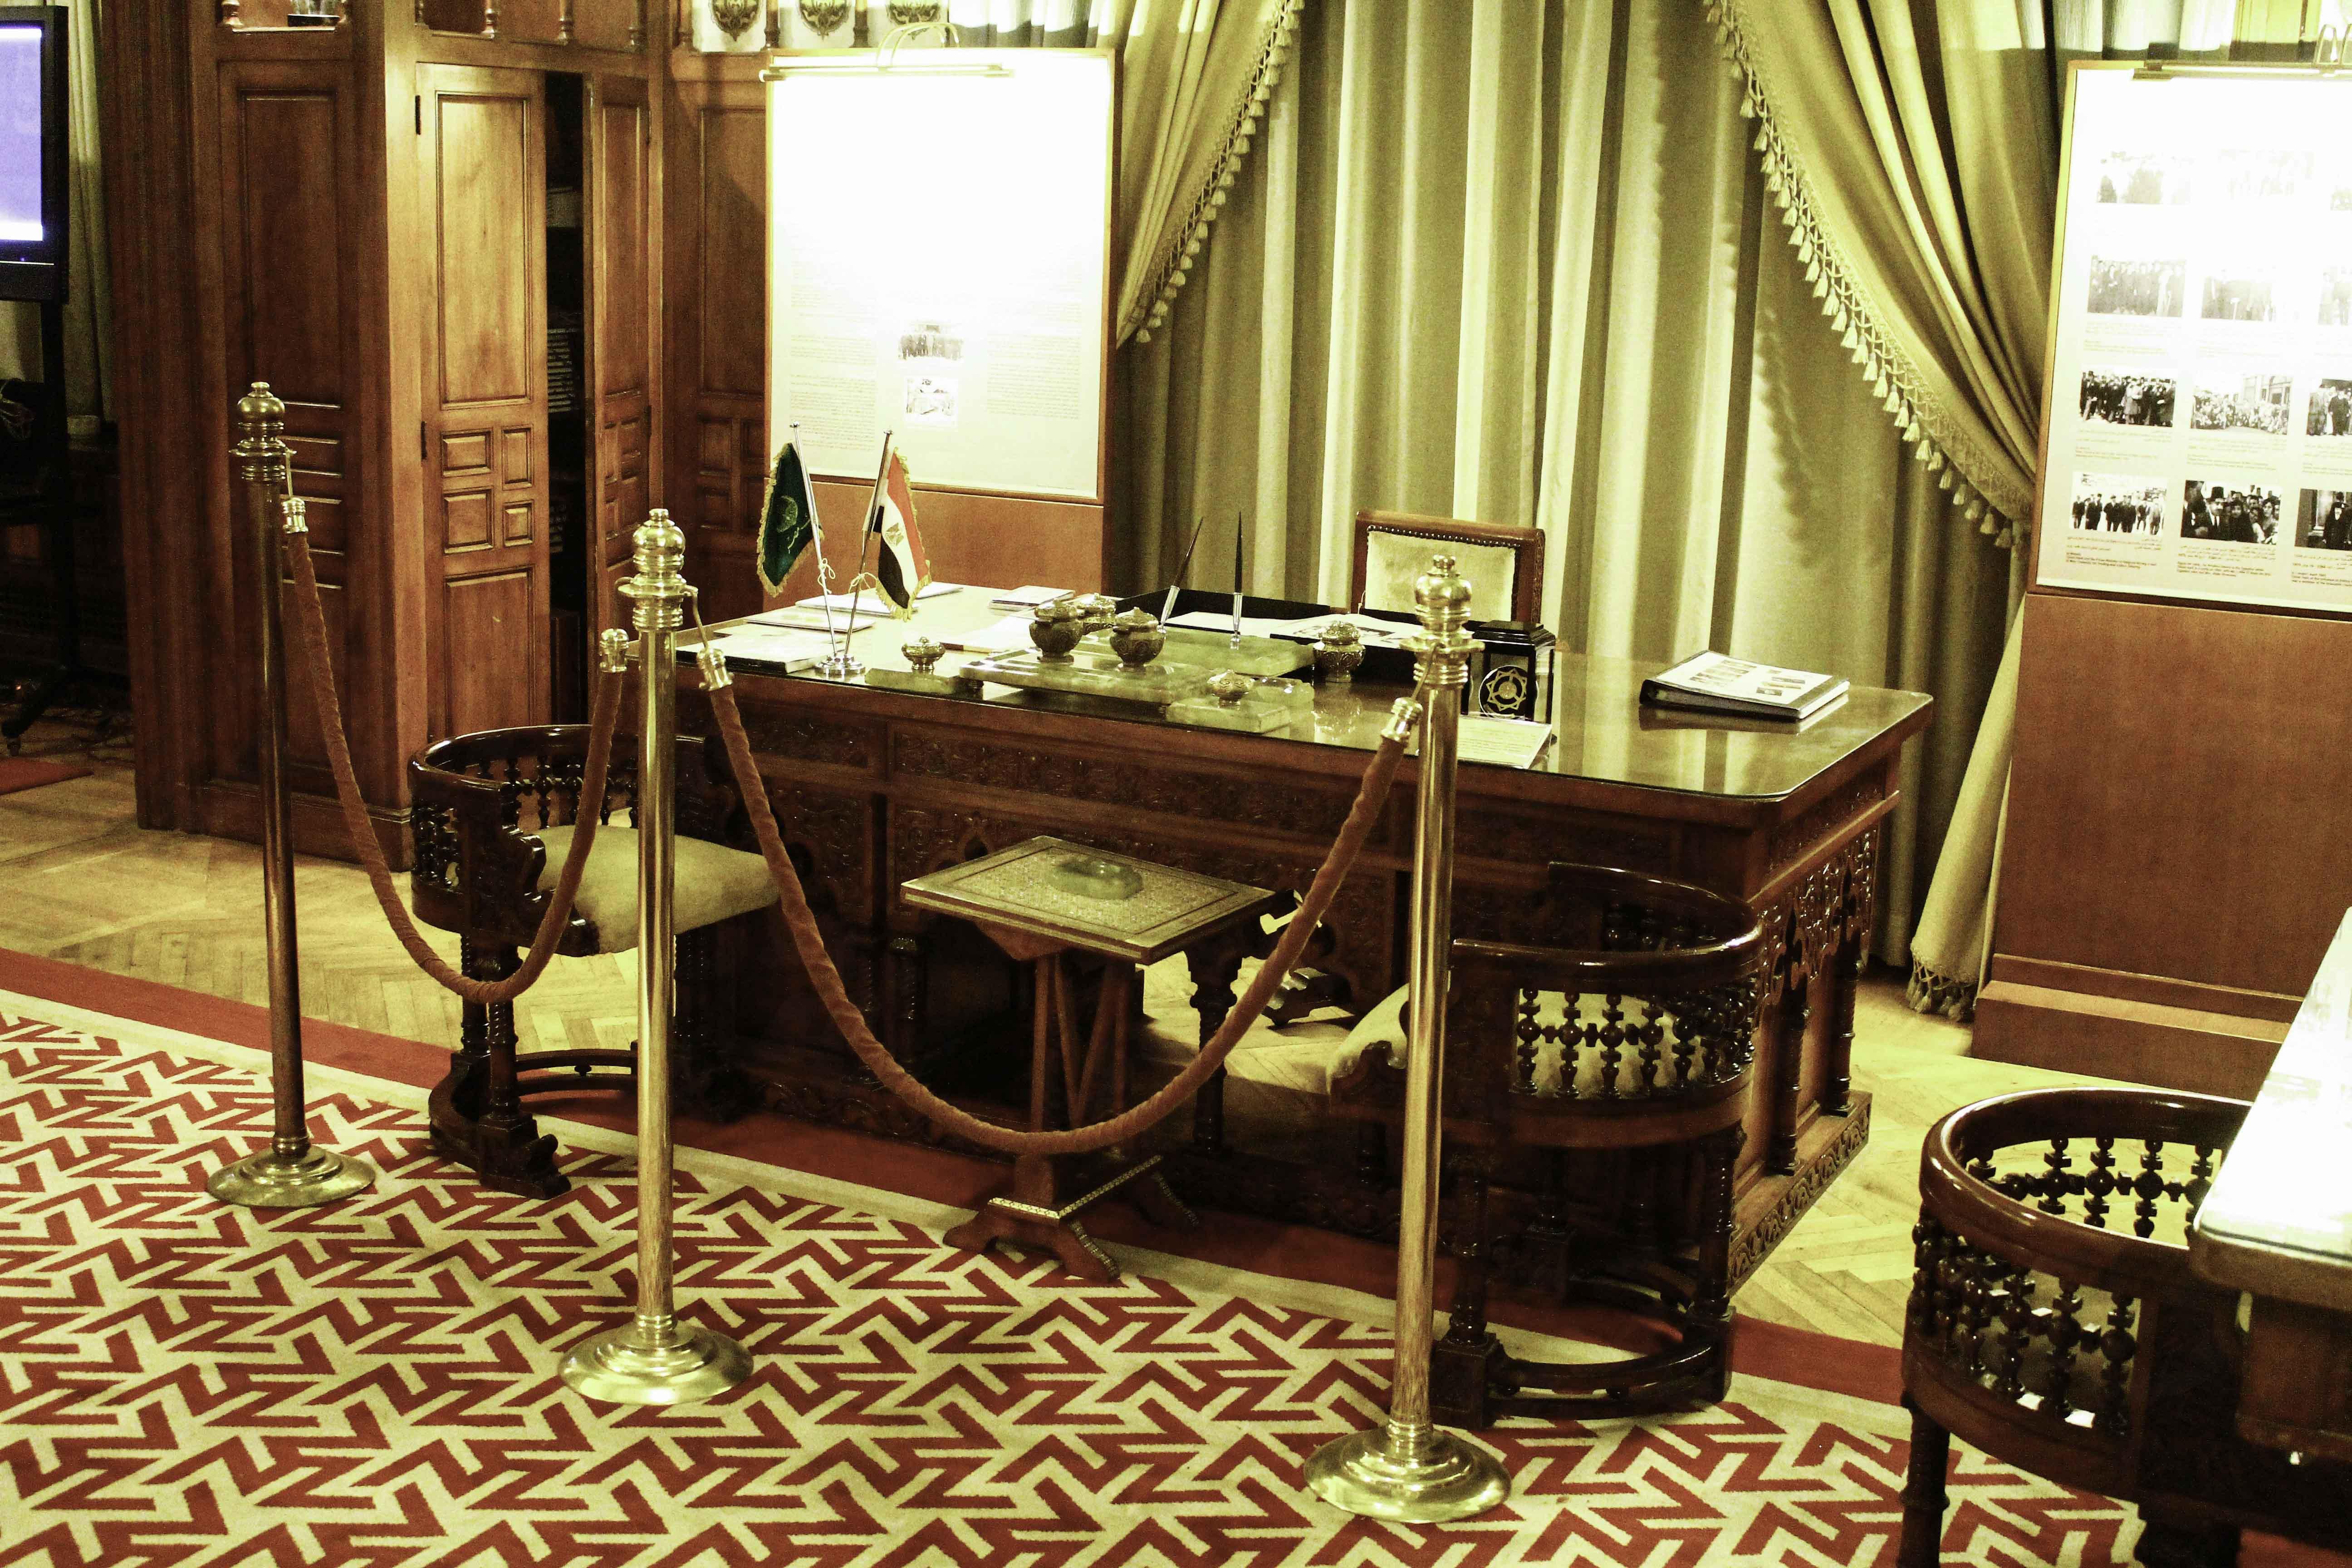 مكتب طلعت حرب ببنك مصر - تصوير: صديق البخشونجي